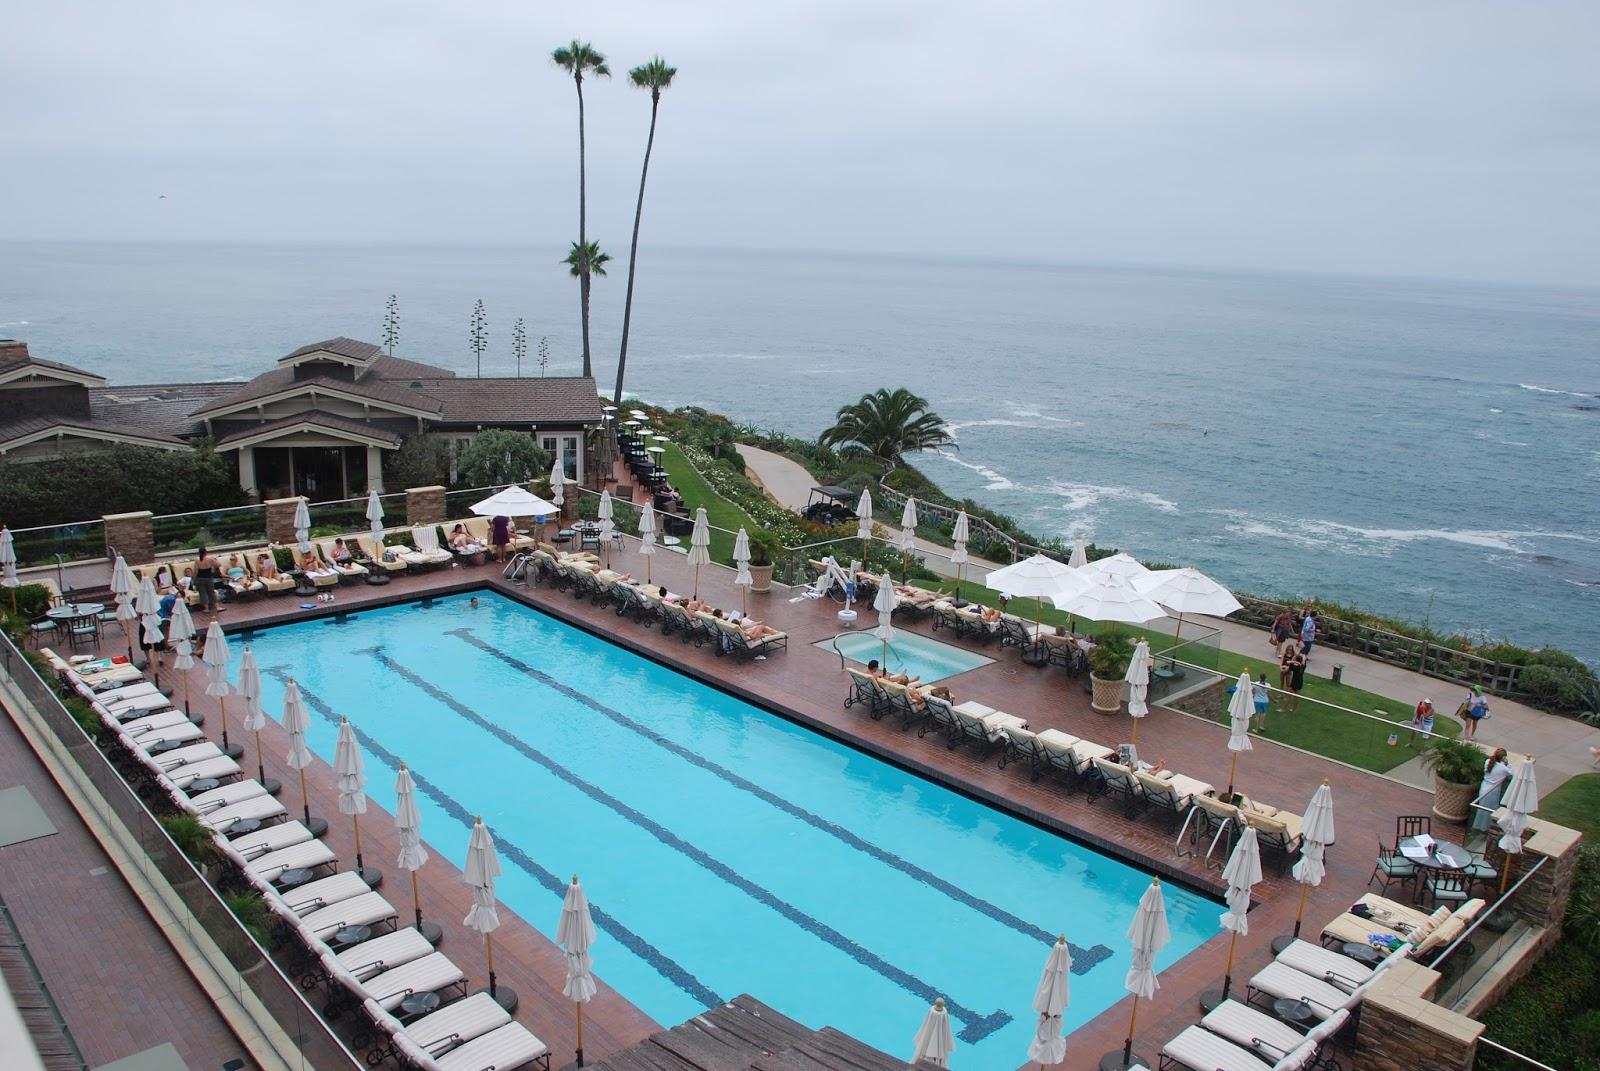 Laguna Beach Luxury Hotel Resort Spa The Best Beaches In World